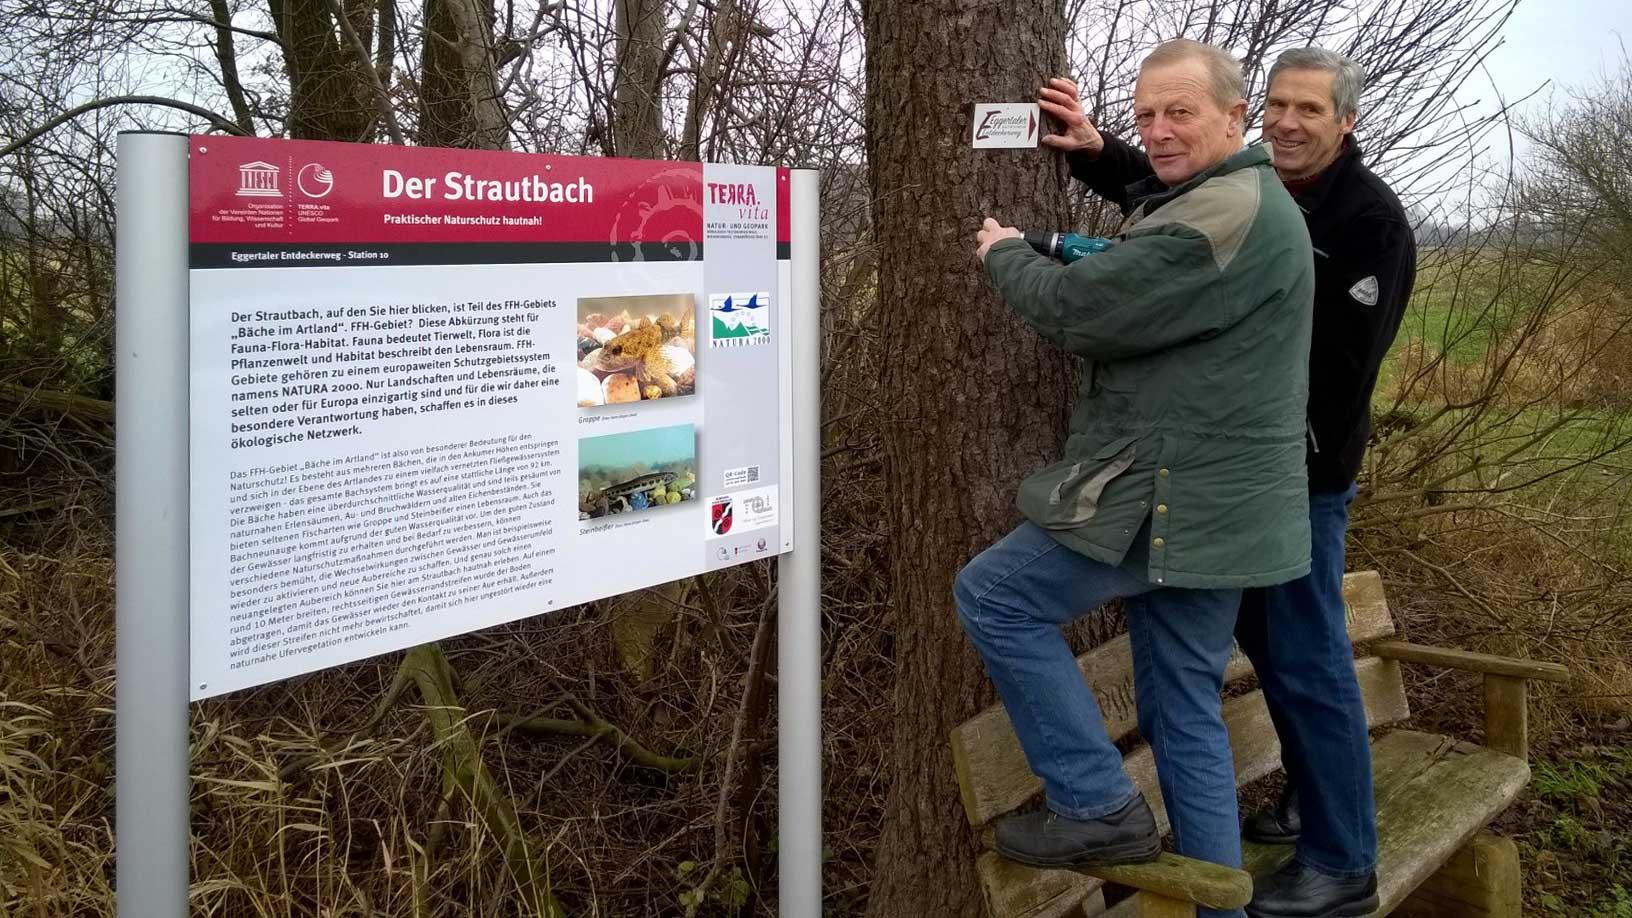 Link, rechts oder geradeaus - Hinweisschilder weisen Wanderern und Radlern den Weg. Unser Foto zeigt Theo Schulte und Franz-Josef Schmied beim Anbringen der Markierungen.Fotos: Georg Geers